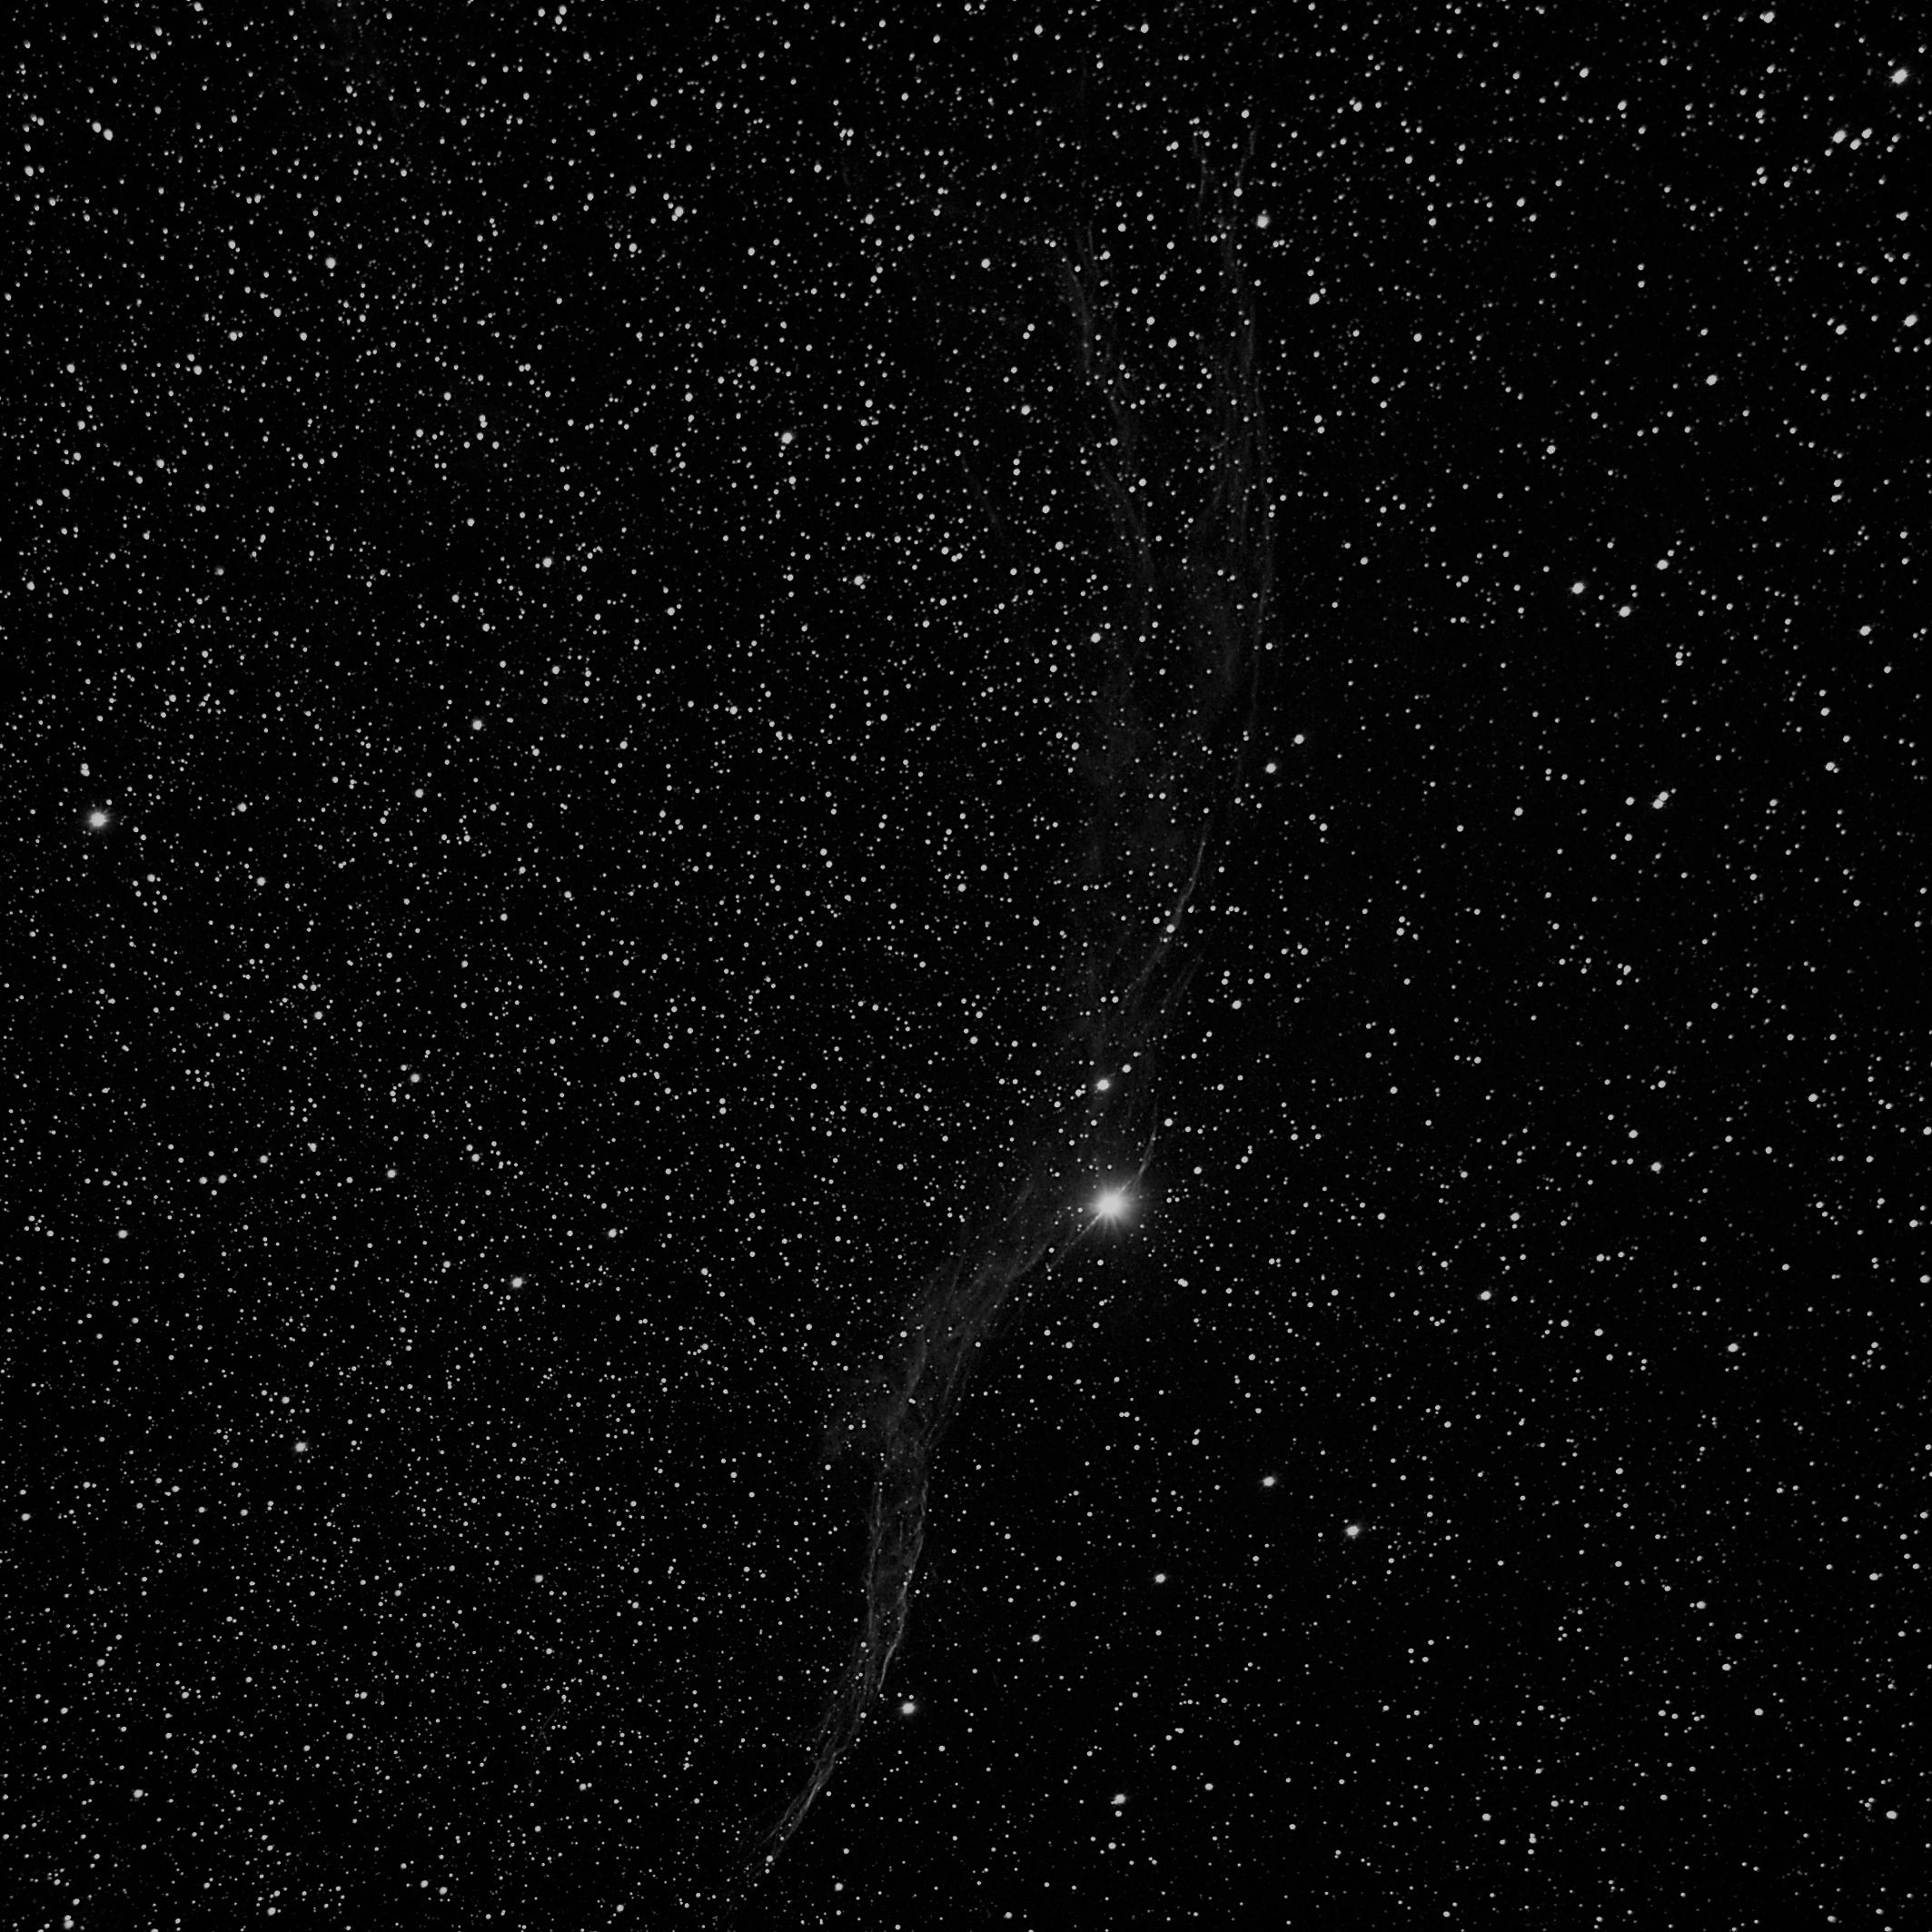 Western Veil Nebula in monochrome